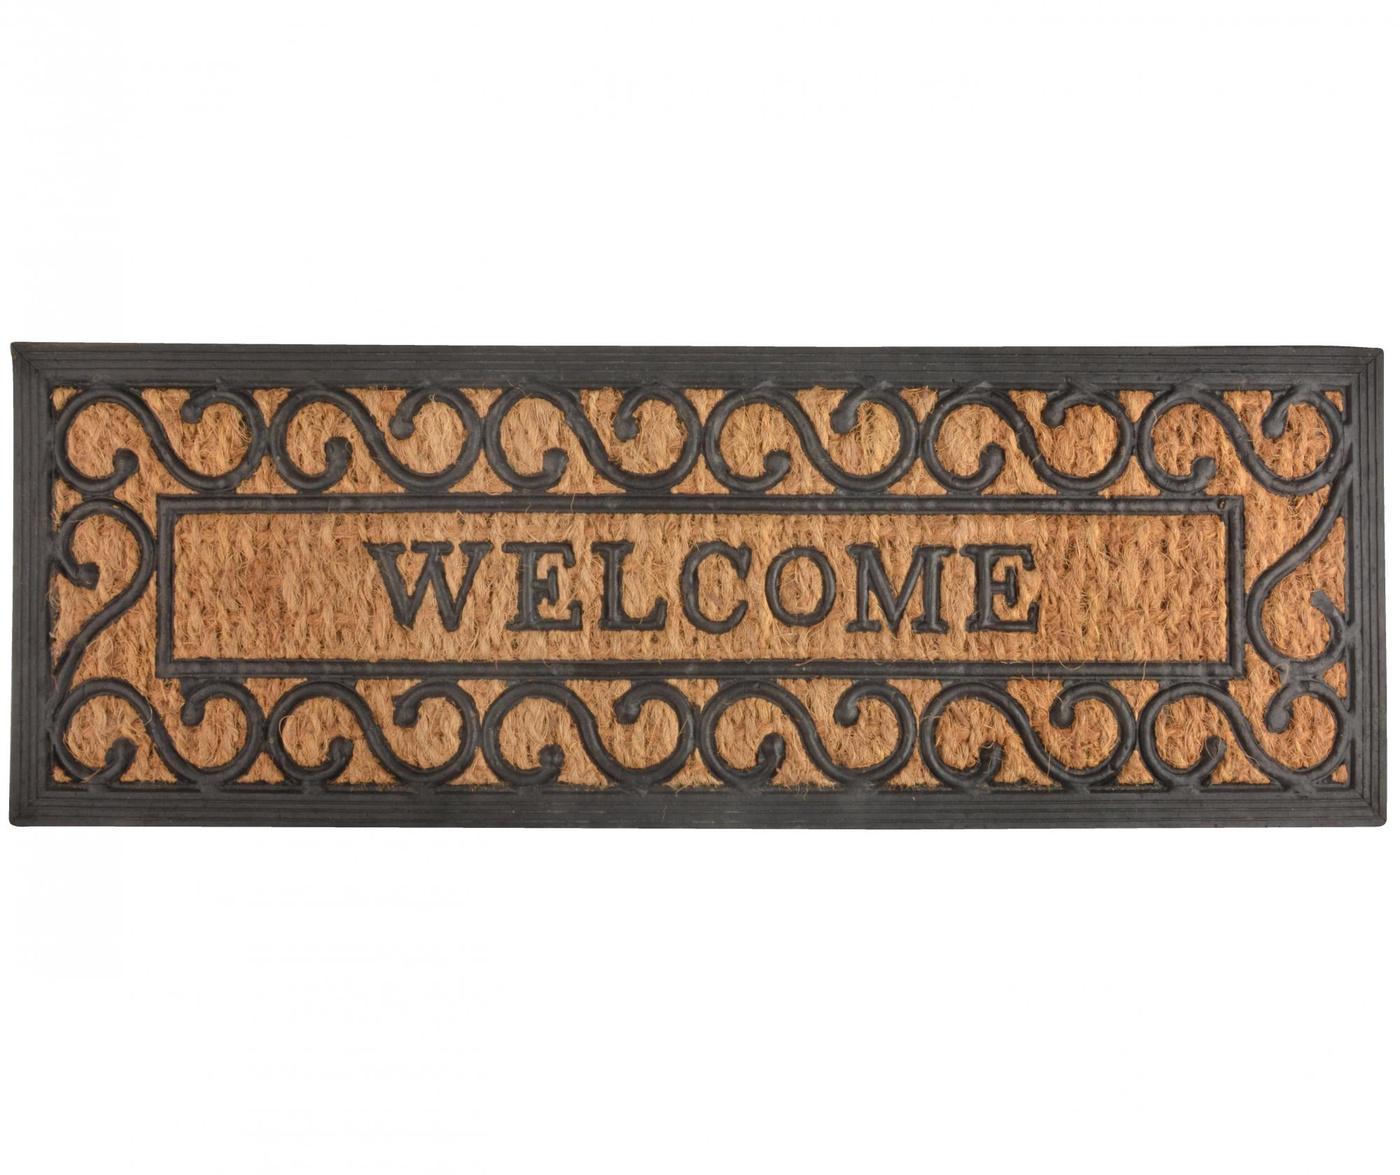 Wycieraczka Welcome Home 25x75 cm